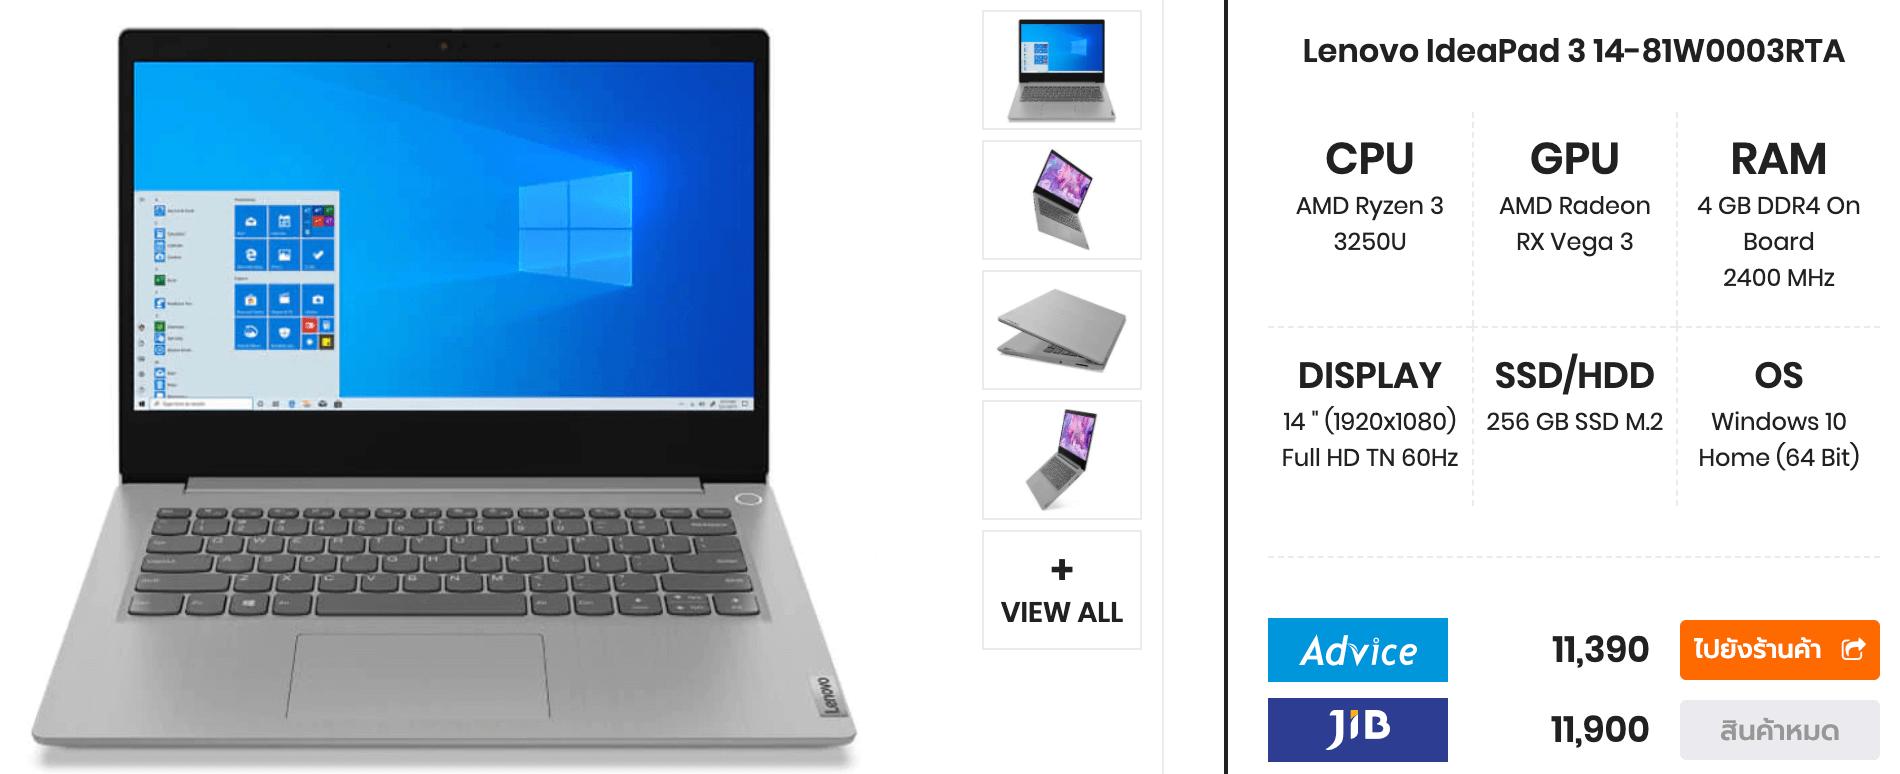 Lenovo IdeaPad 3 14 81W0003RTA